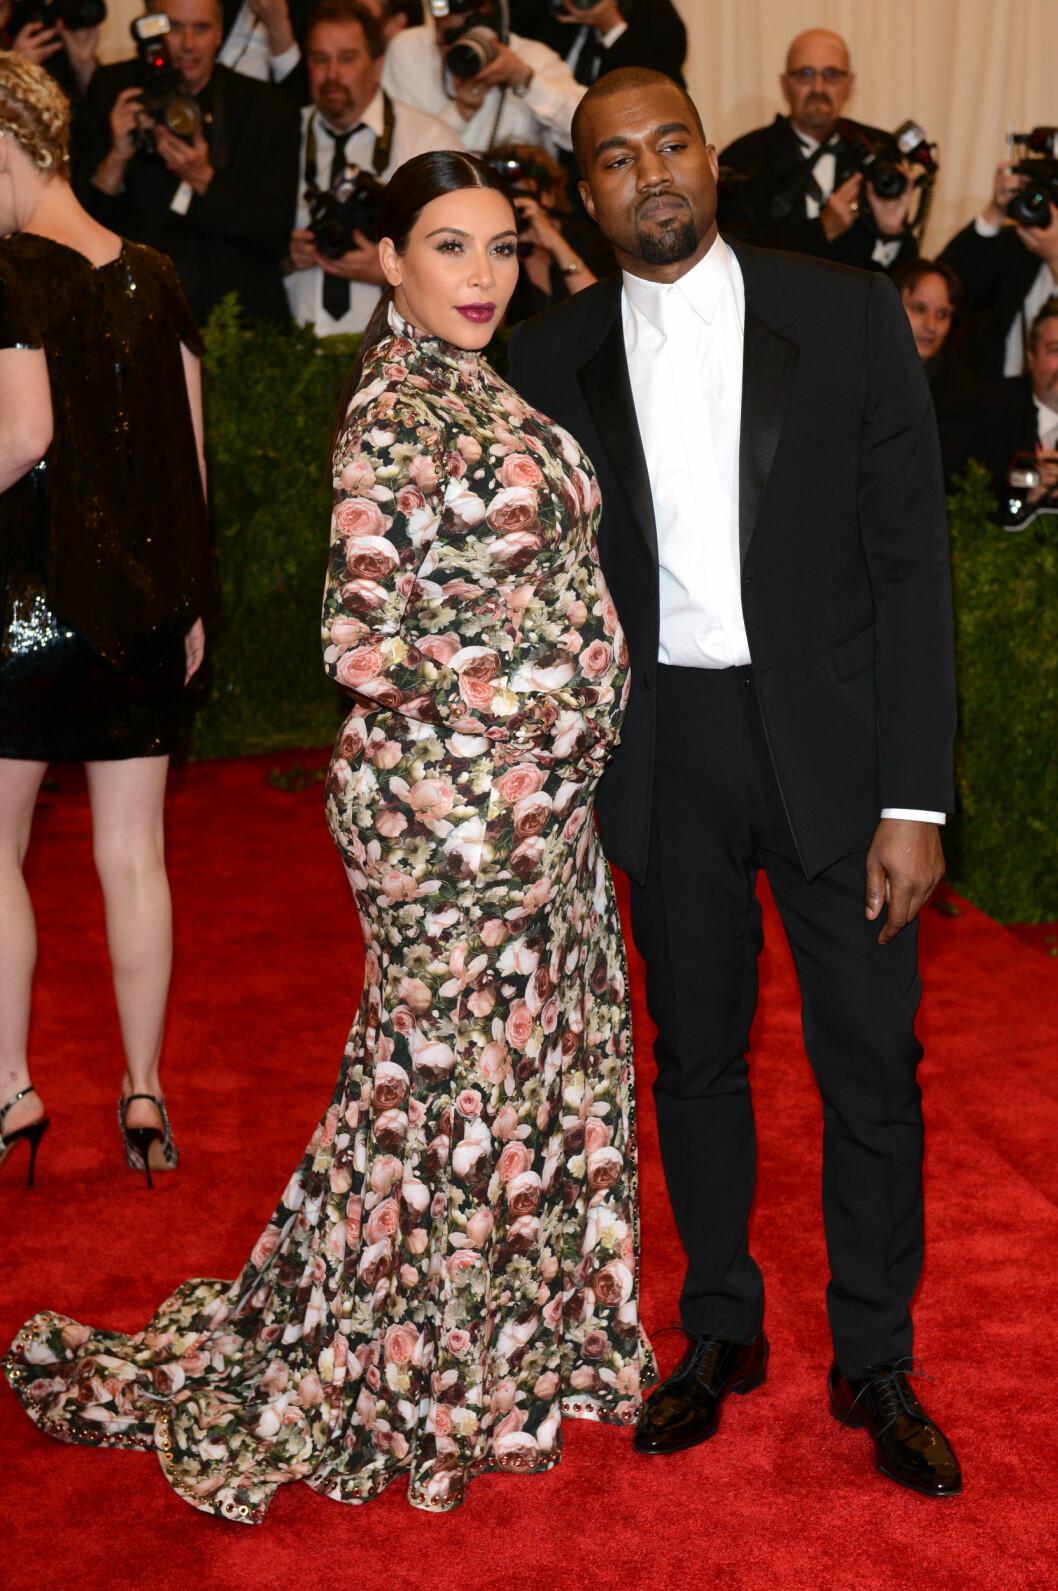 MED PÅ MOTENE: Dette bildet er tatt fem uker før Kim Kardashian fødte datteren North West i juni 2013. Under den årlige The Met Gala i New York i mai det året bar hun en spesialdesignet blomstrete kjole fra favorittmerket Givenchy. Her med ektemannen Kanye West. Foto: NTB Scanpix